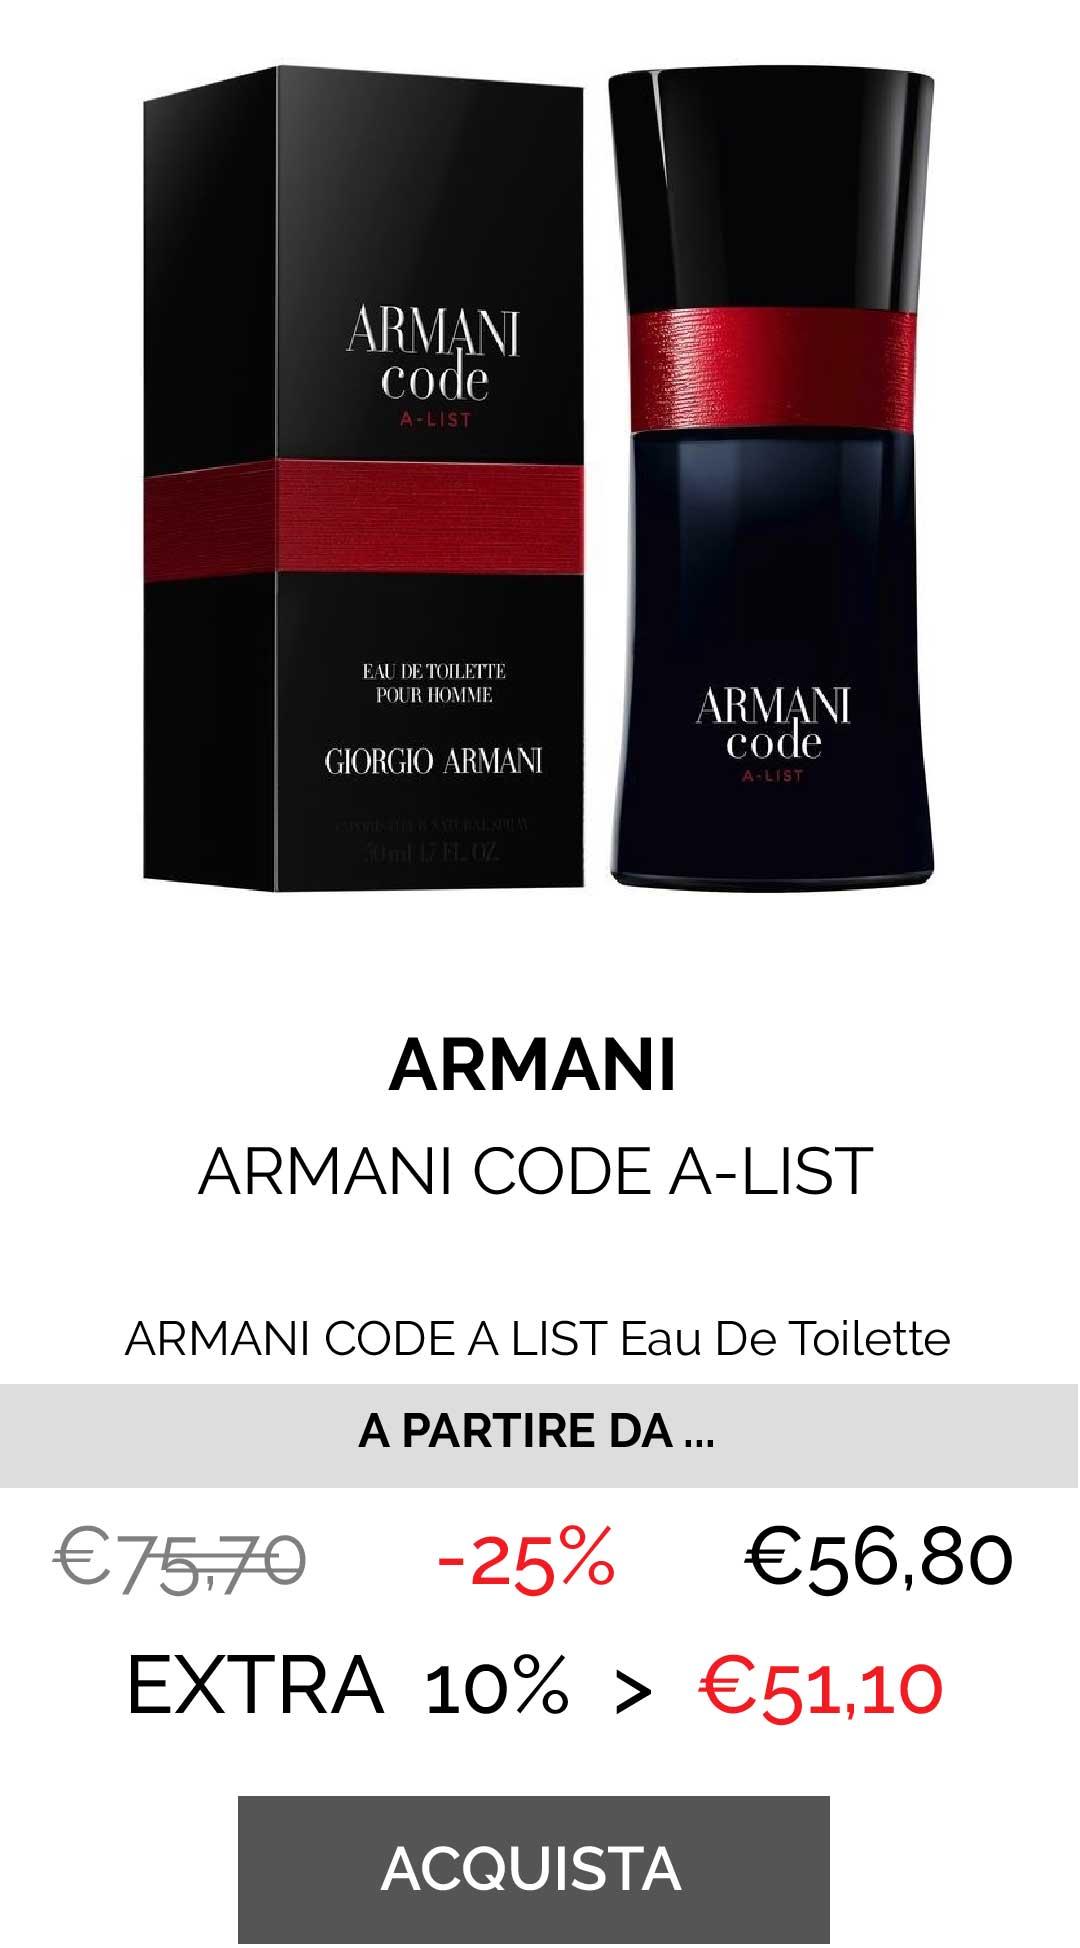 ARMANI CODE A LIST Eau De Toilette